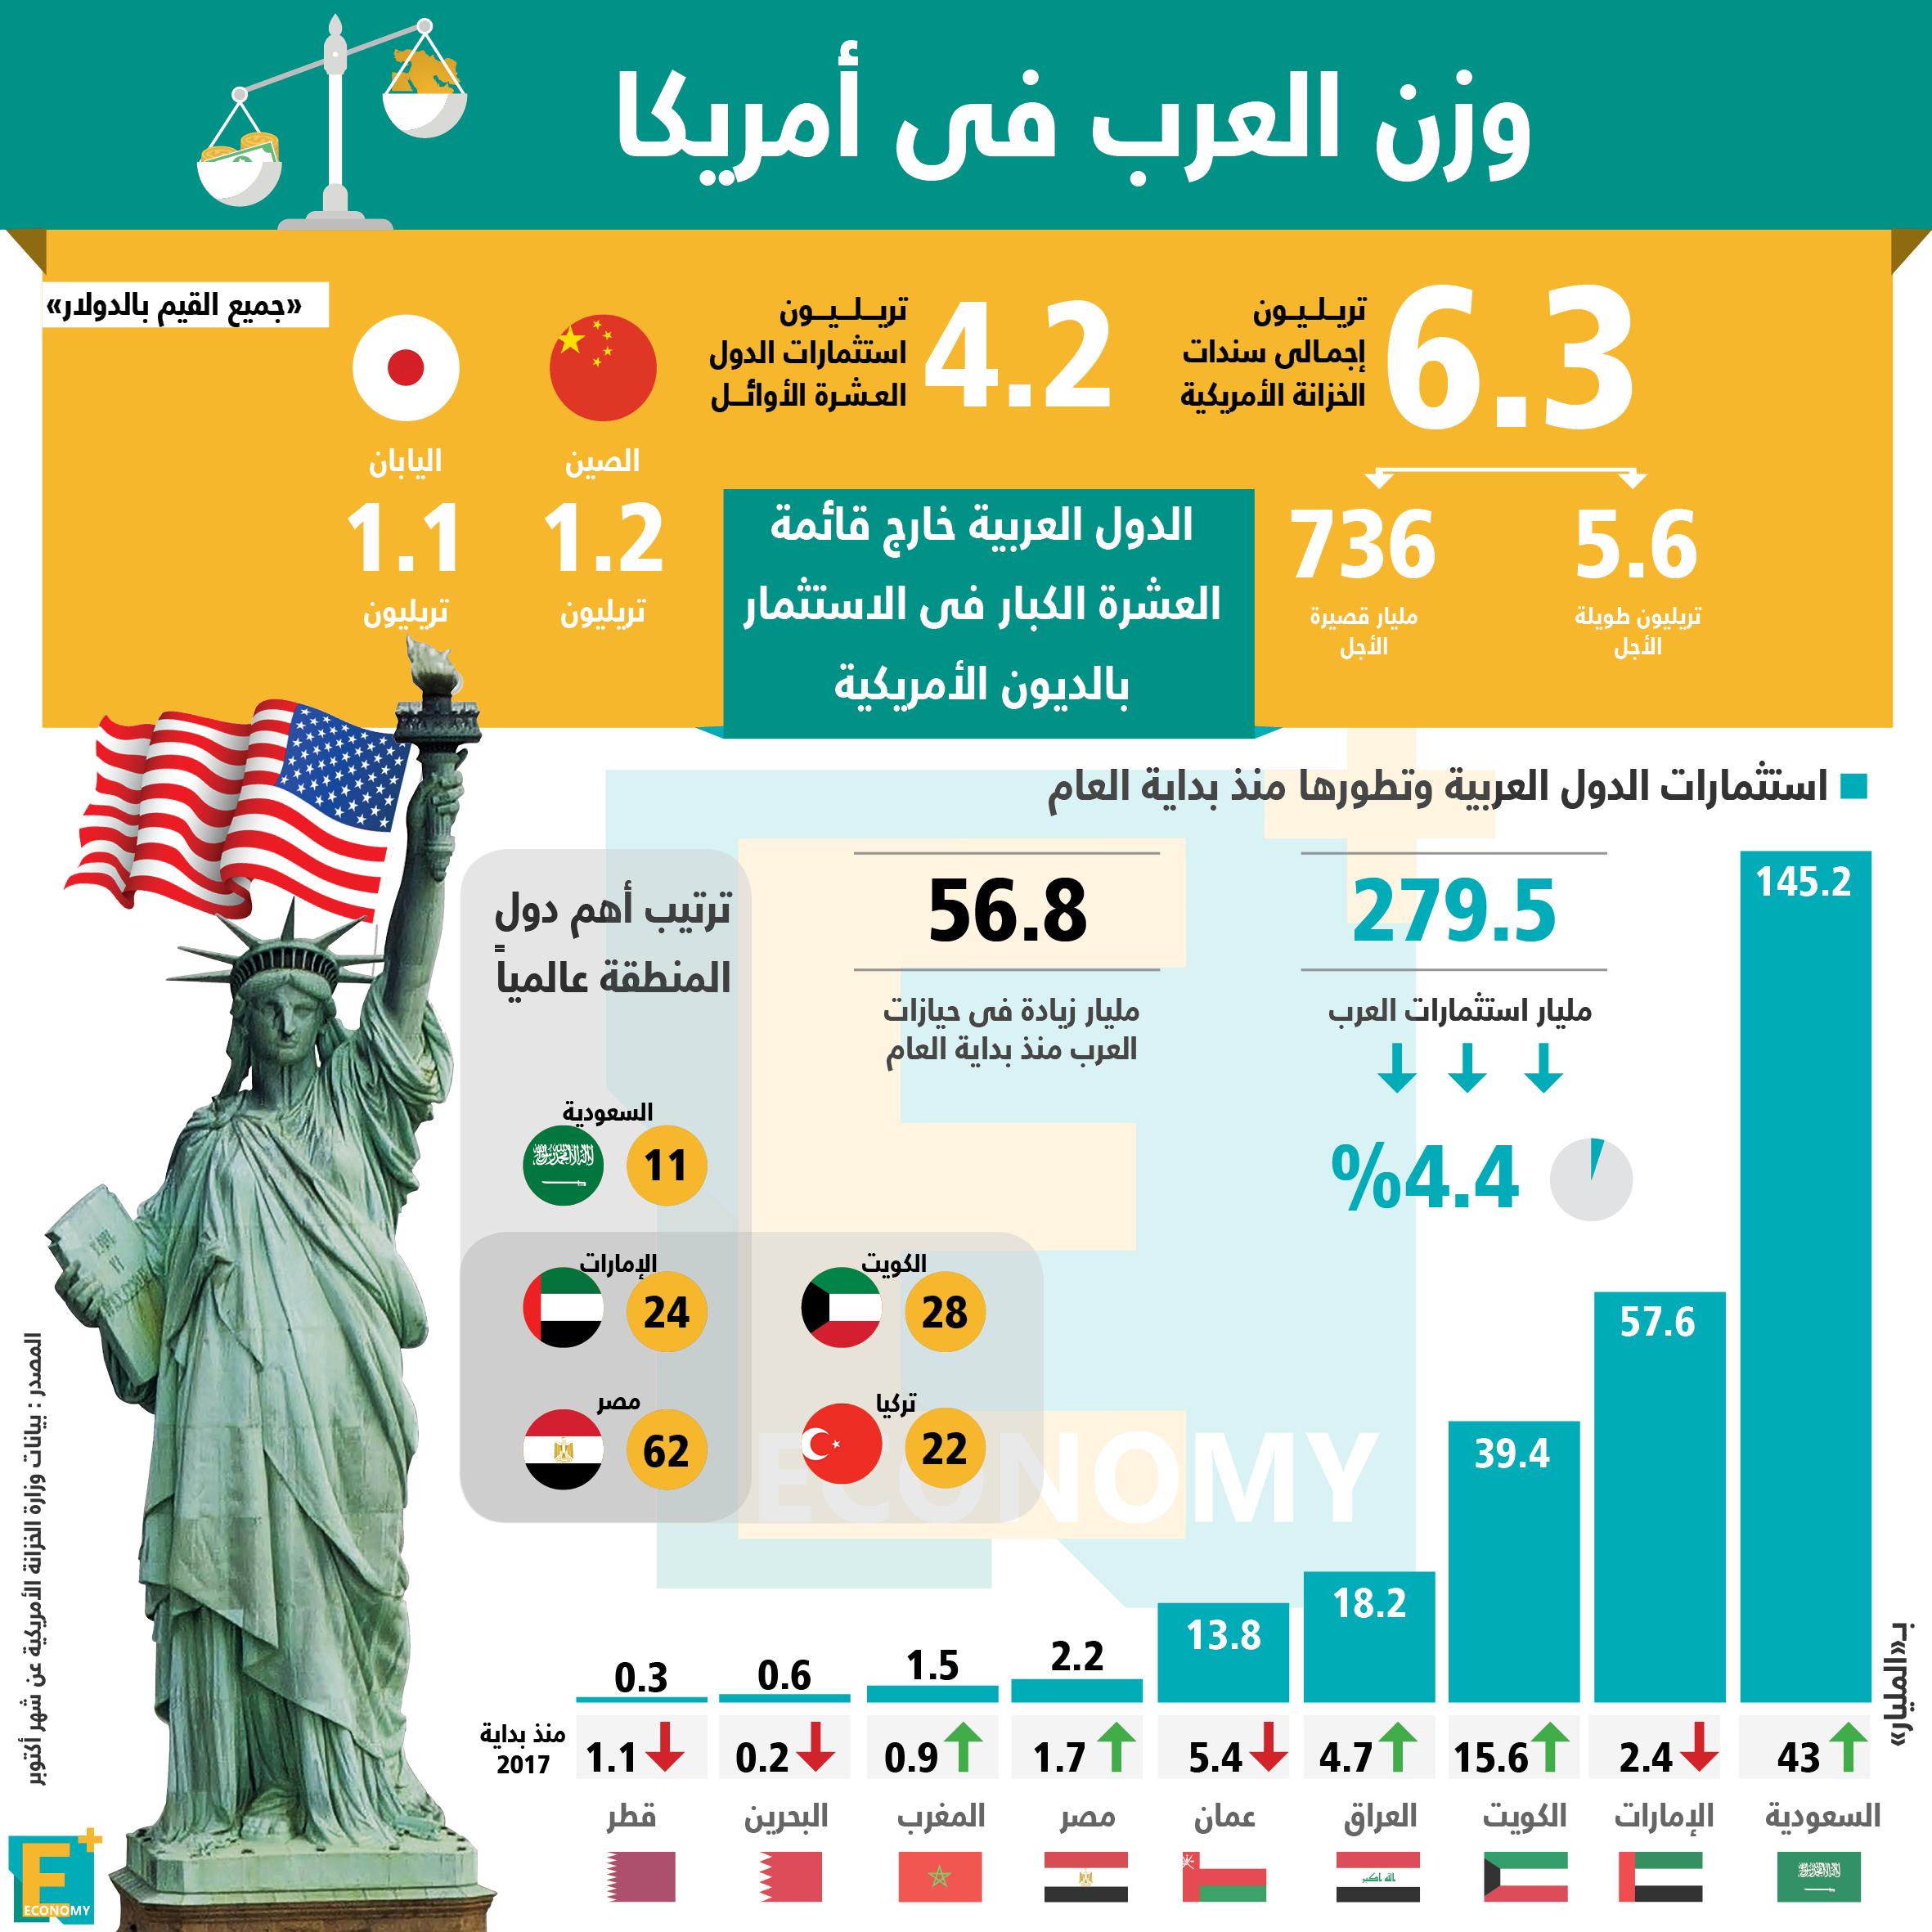 وزن استثمارات العرب في أمريكا